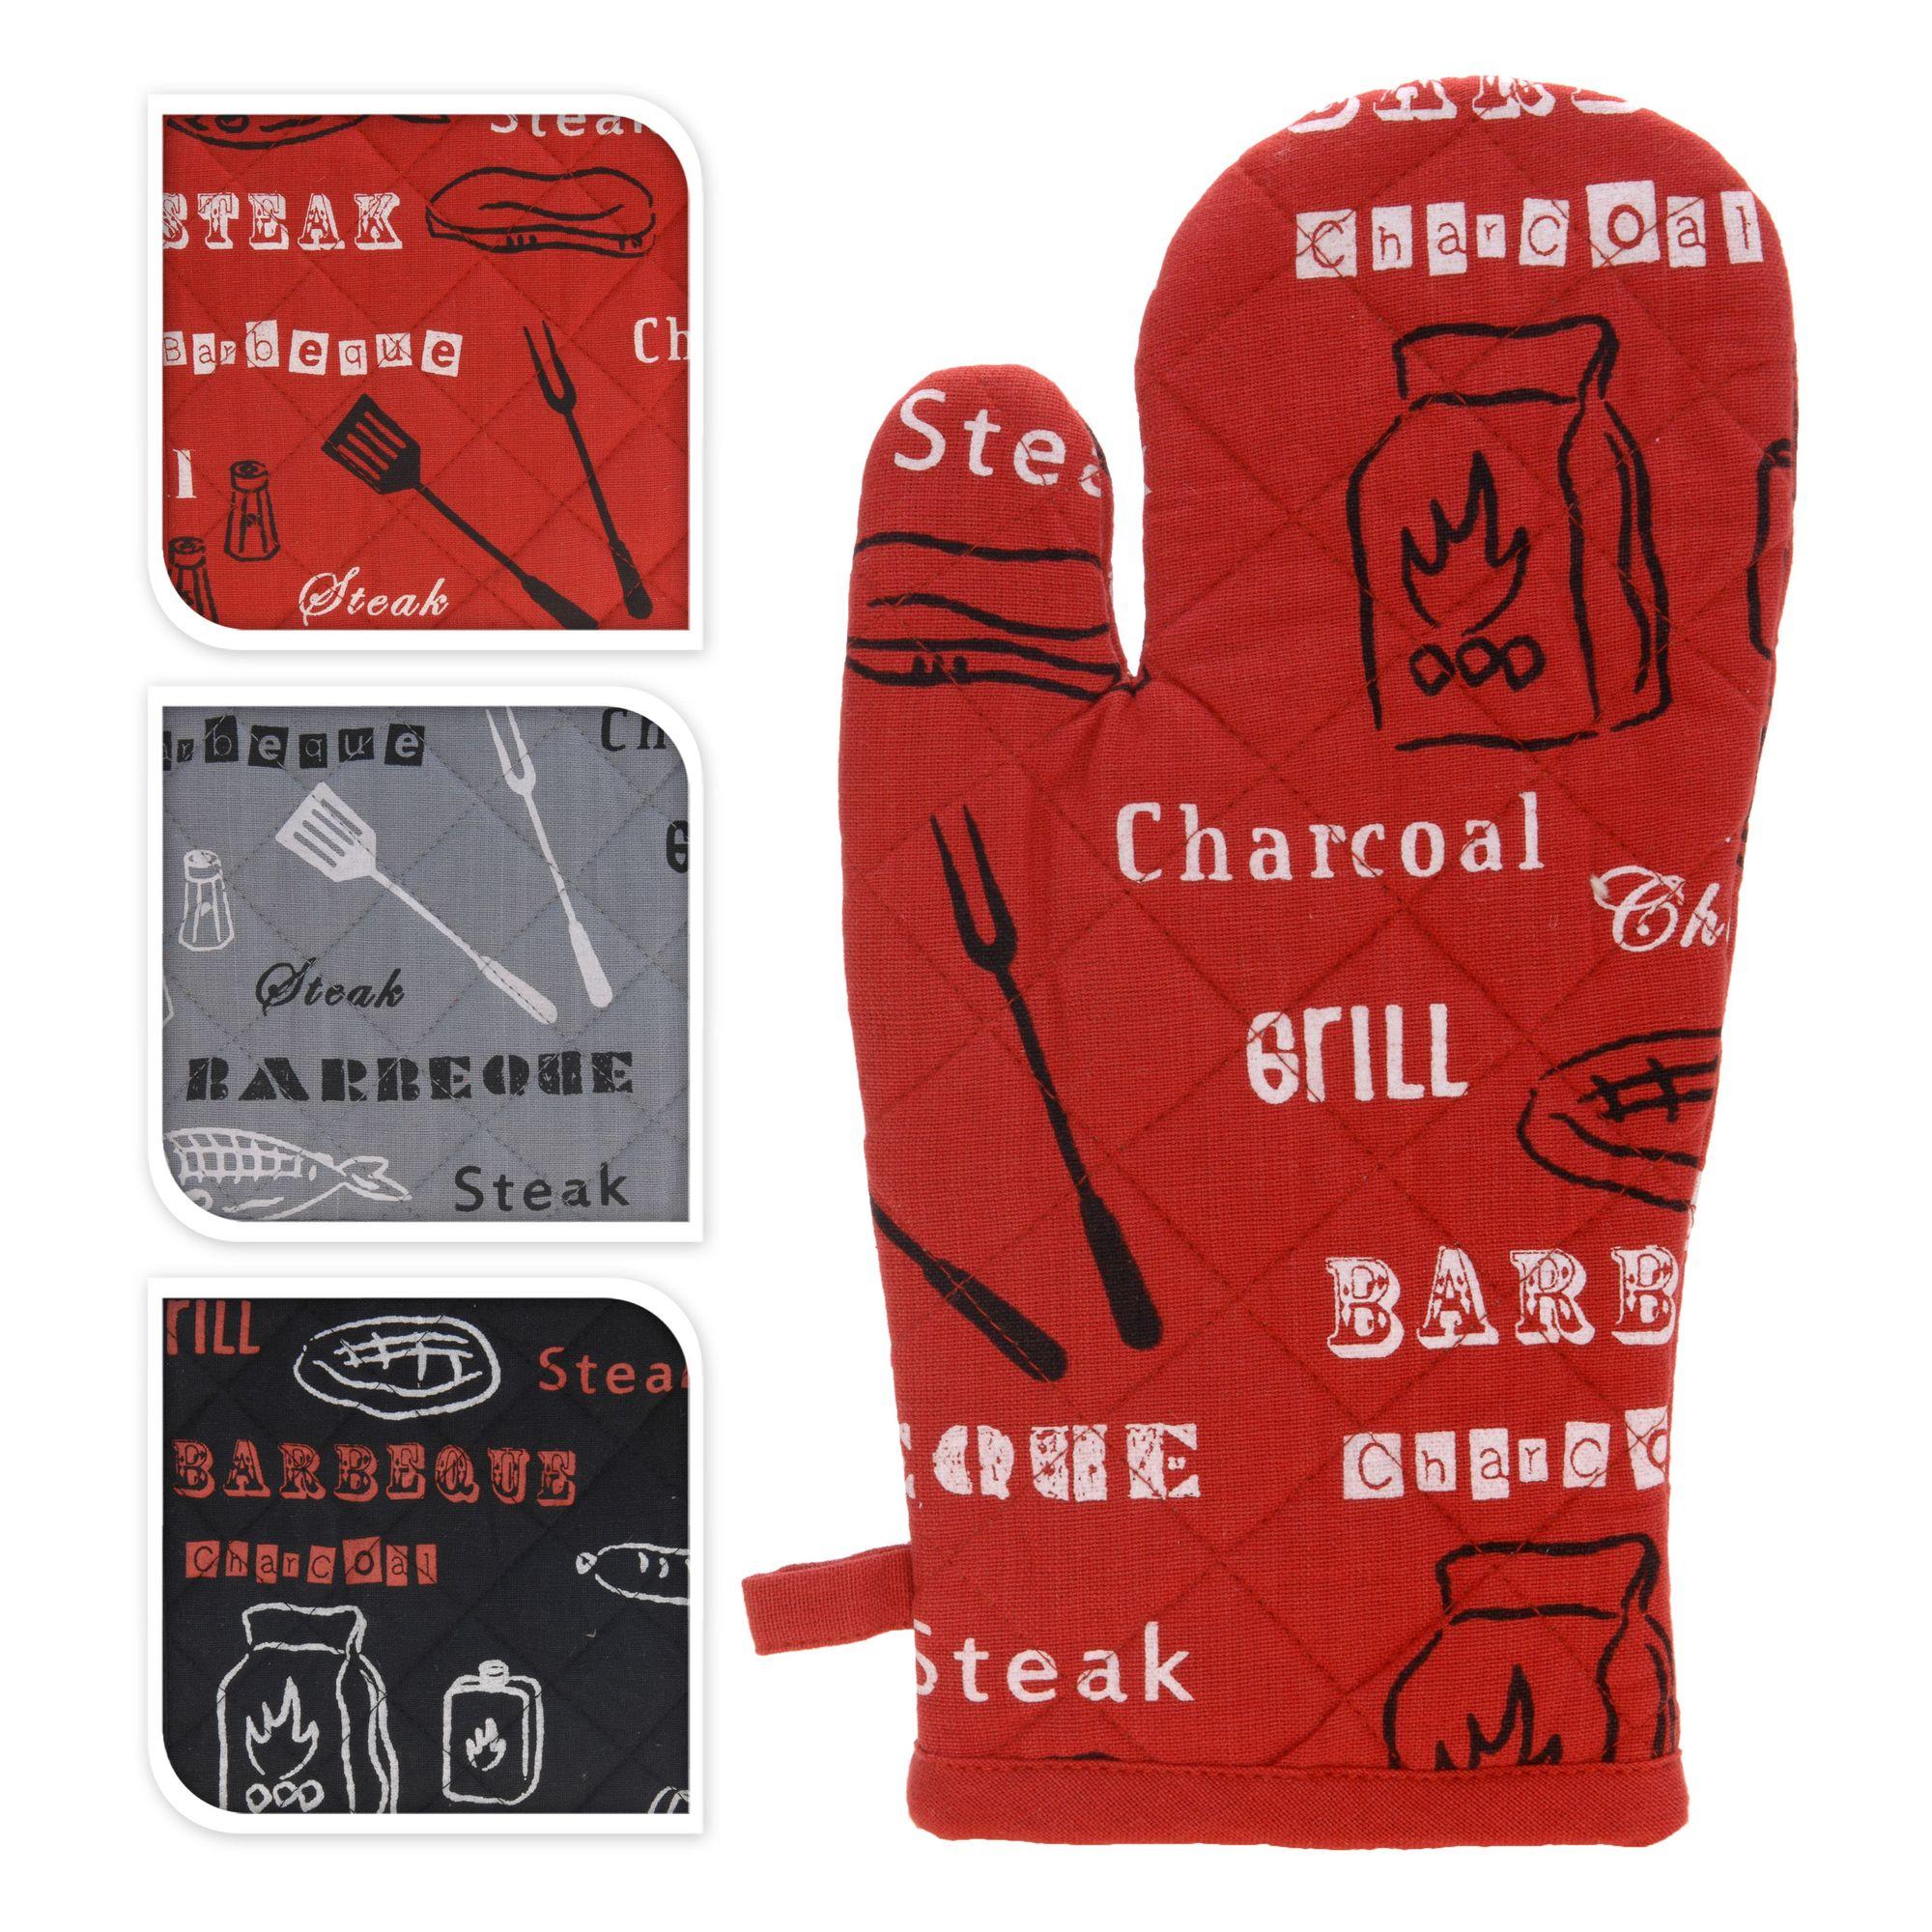 Варежка-прихватка Koopman в ассортиментеВарежка-прихватка Koopman известного бренда Экселлент Хаусвеар – это удобный кухонный аксессуар, который обеспечивает надежную защиту рук от воздействия высоких температур во время приготовления пищи.Безопасность во всемПрихватка выполнена из натурального хлопка, украшенного надписями и оригинальными рисунками, и укреплена теплоизоляционной прослойкой, что позволяет спокойно брать руками горячую посуду. Модель оснащена петелькой для подвешивания на крючок. Изделие отлично выдерживает постоянную эксплуатацию и легко стирается. Прихватка – отличный вариант подарка для практичной хозяйки. Купить варежку-прихватку Купман марки Экселлент Хаусвеар вы можете на сайте компании Cookhouse. Возможна доставка товара курьерской службой.<br>